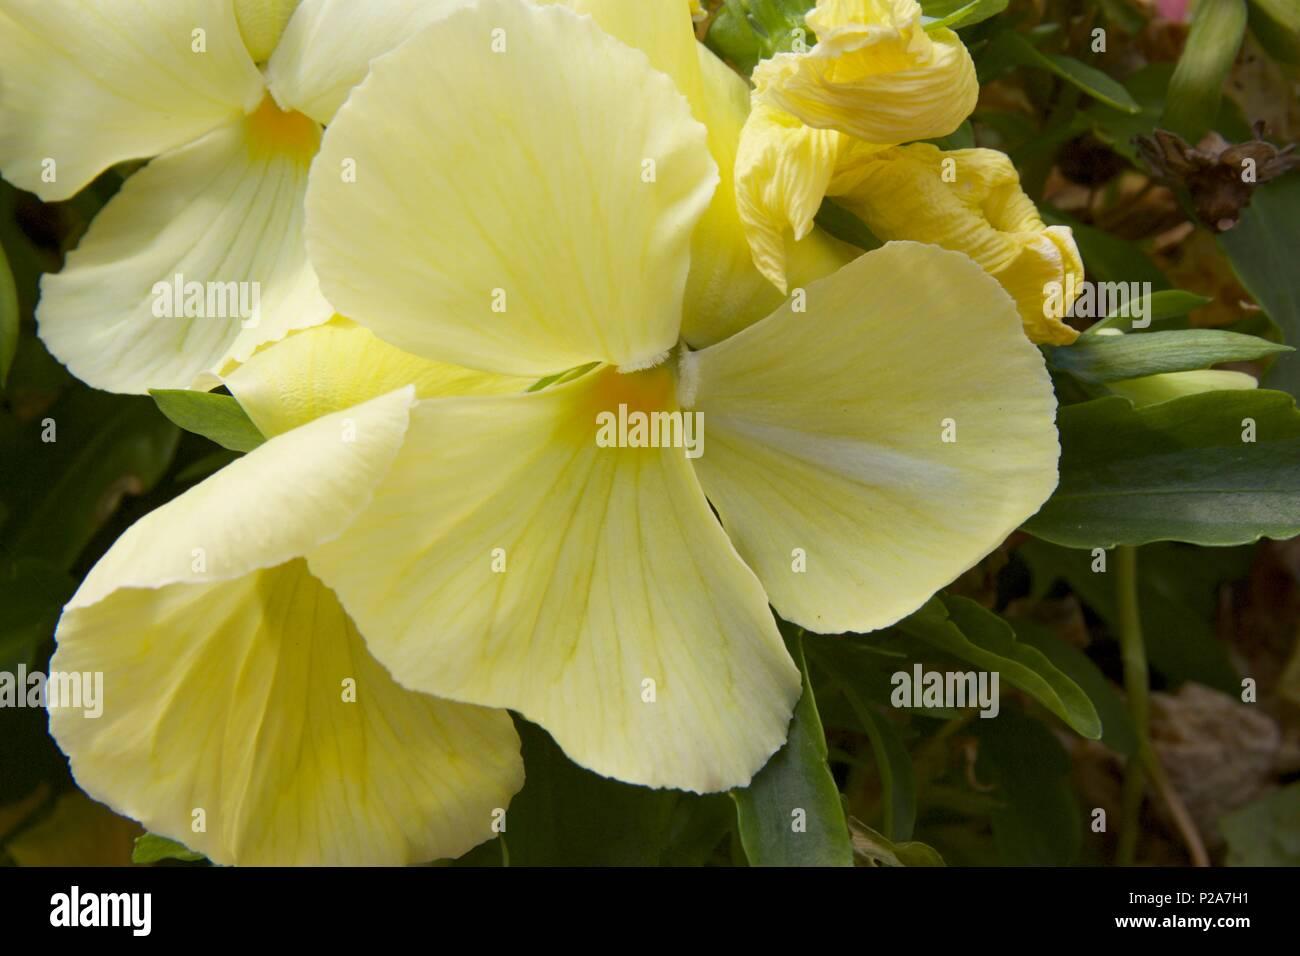 Pale yellow pansies called Matrix Primrose Pansy or Viola x wittrockiana - Stock Image